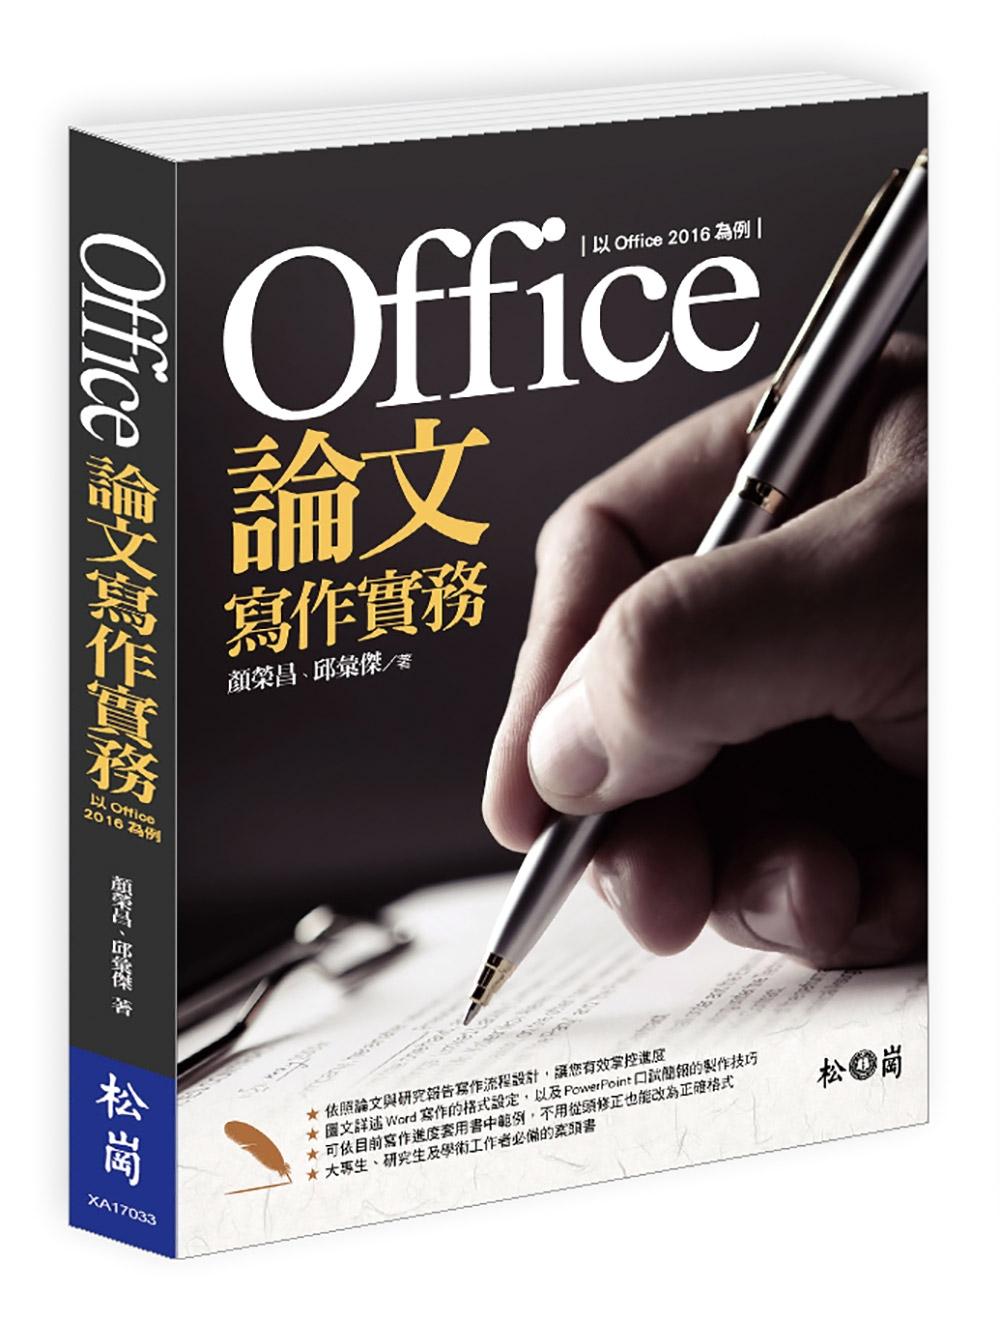 Office論文寫作實務:以Office 2016為例(附CD)